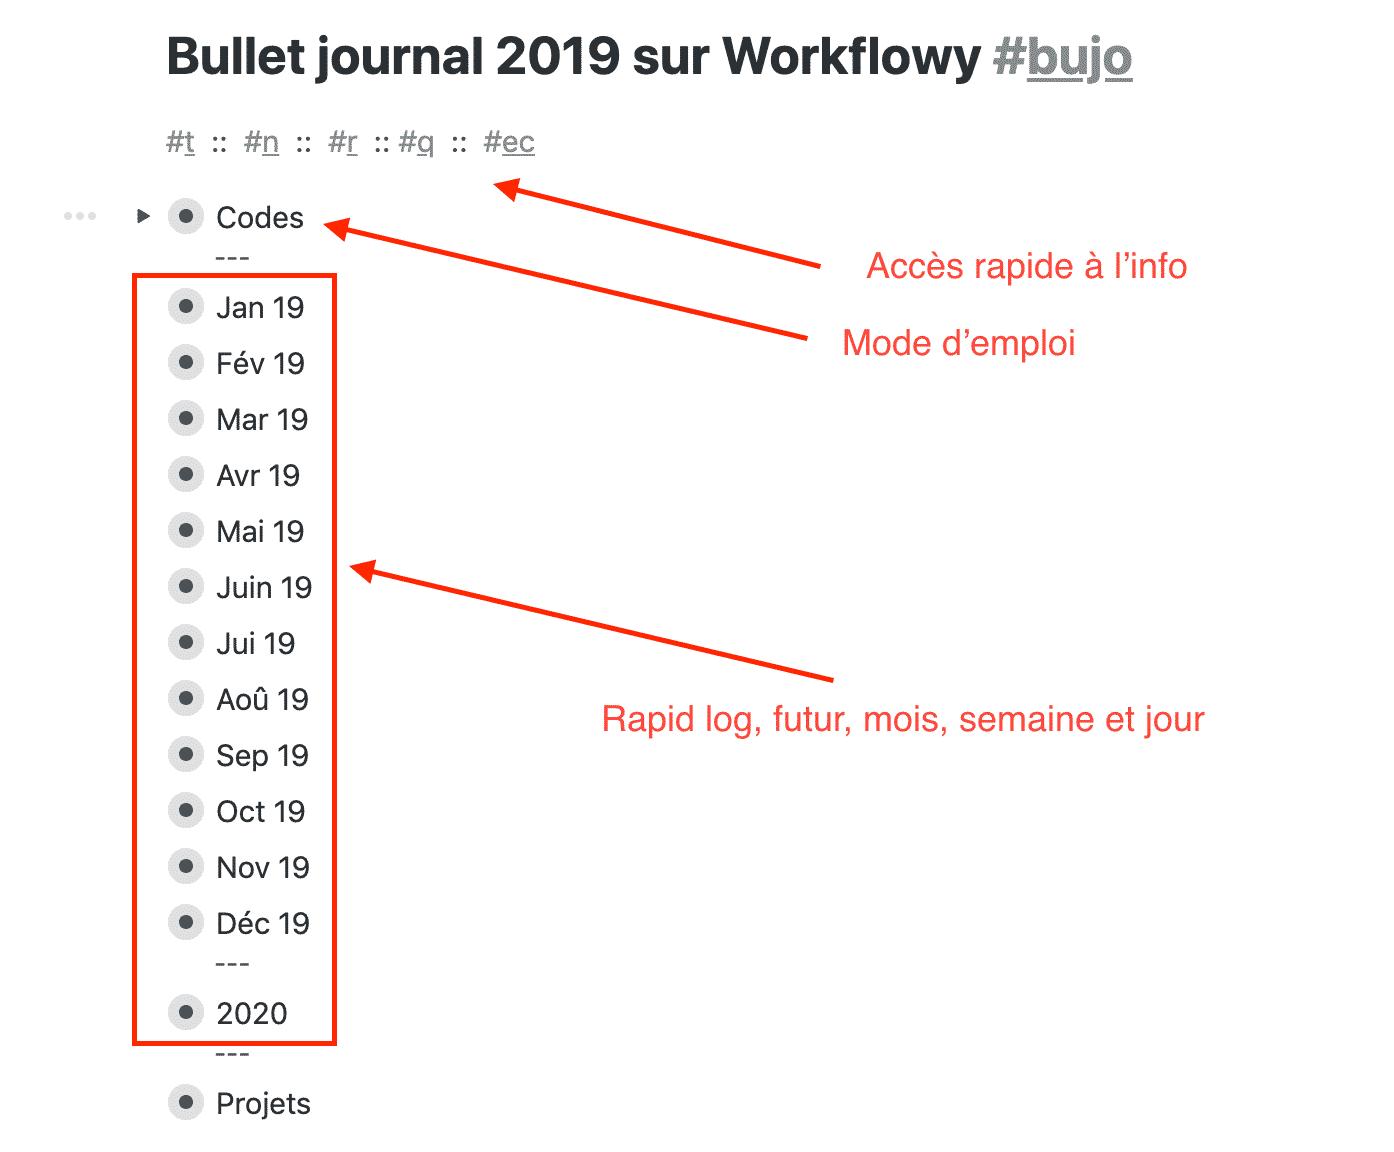 Index bullet journal numérique